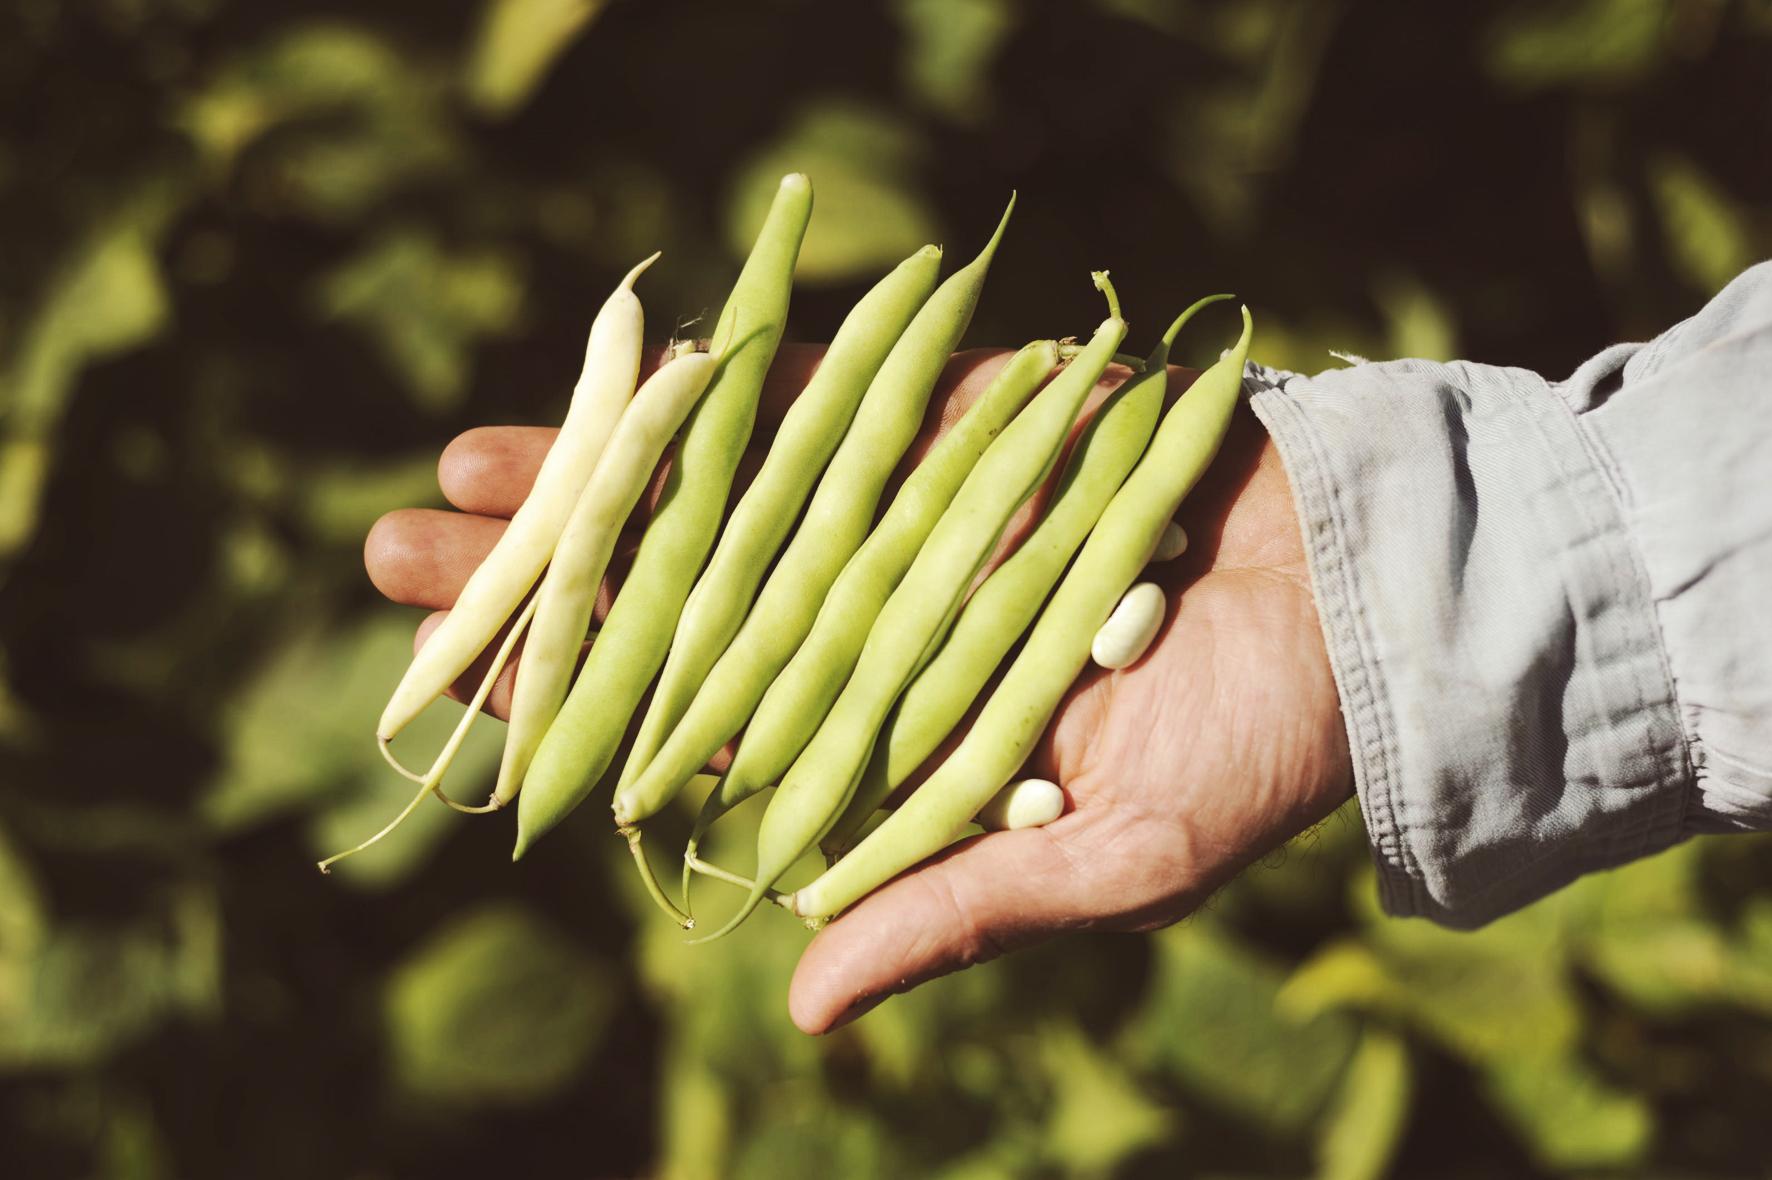 L'AICS per l'agricoltura e il futuro del pianeta: il webinar del programma FAO sul patrimonio agricolo mondiale GIAHS